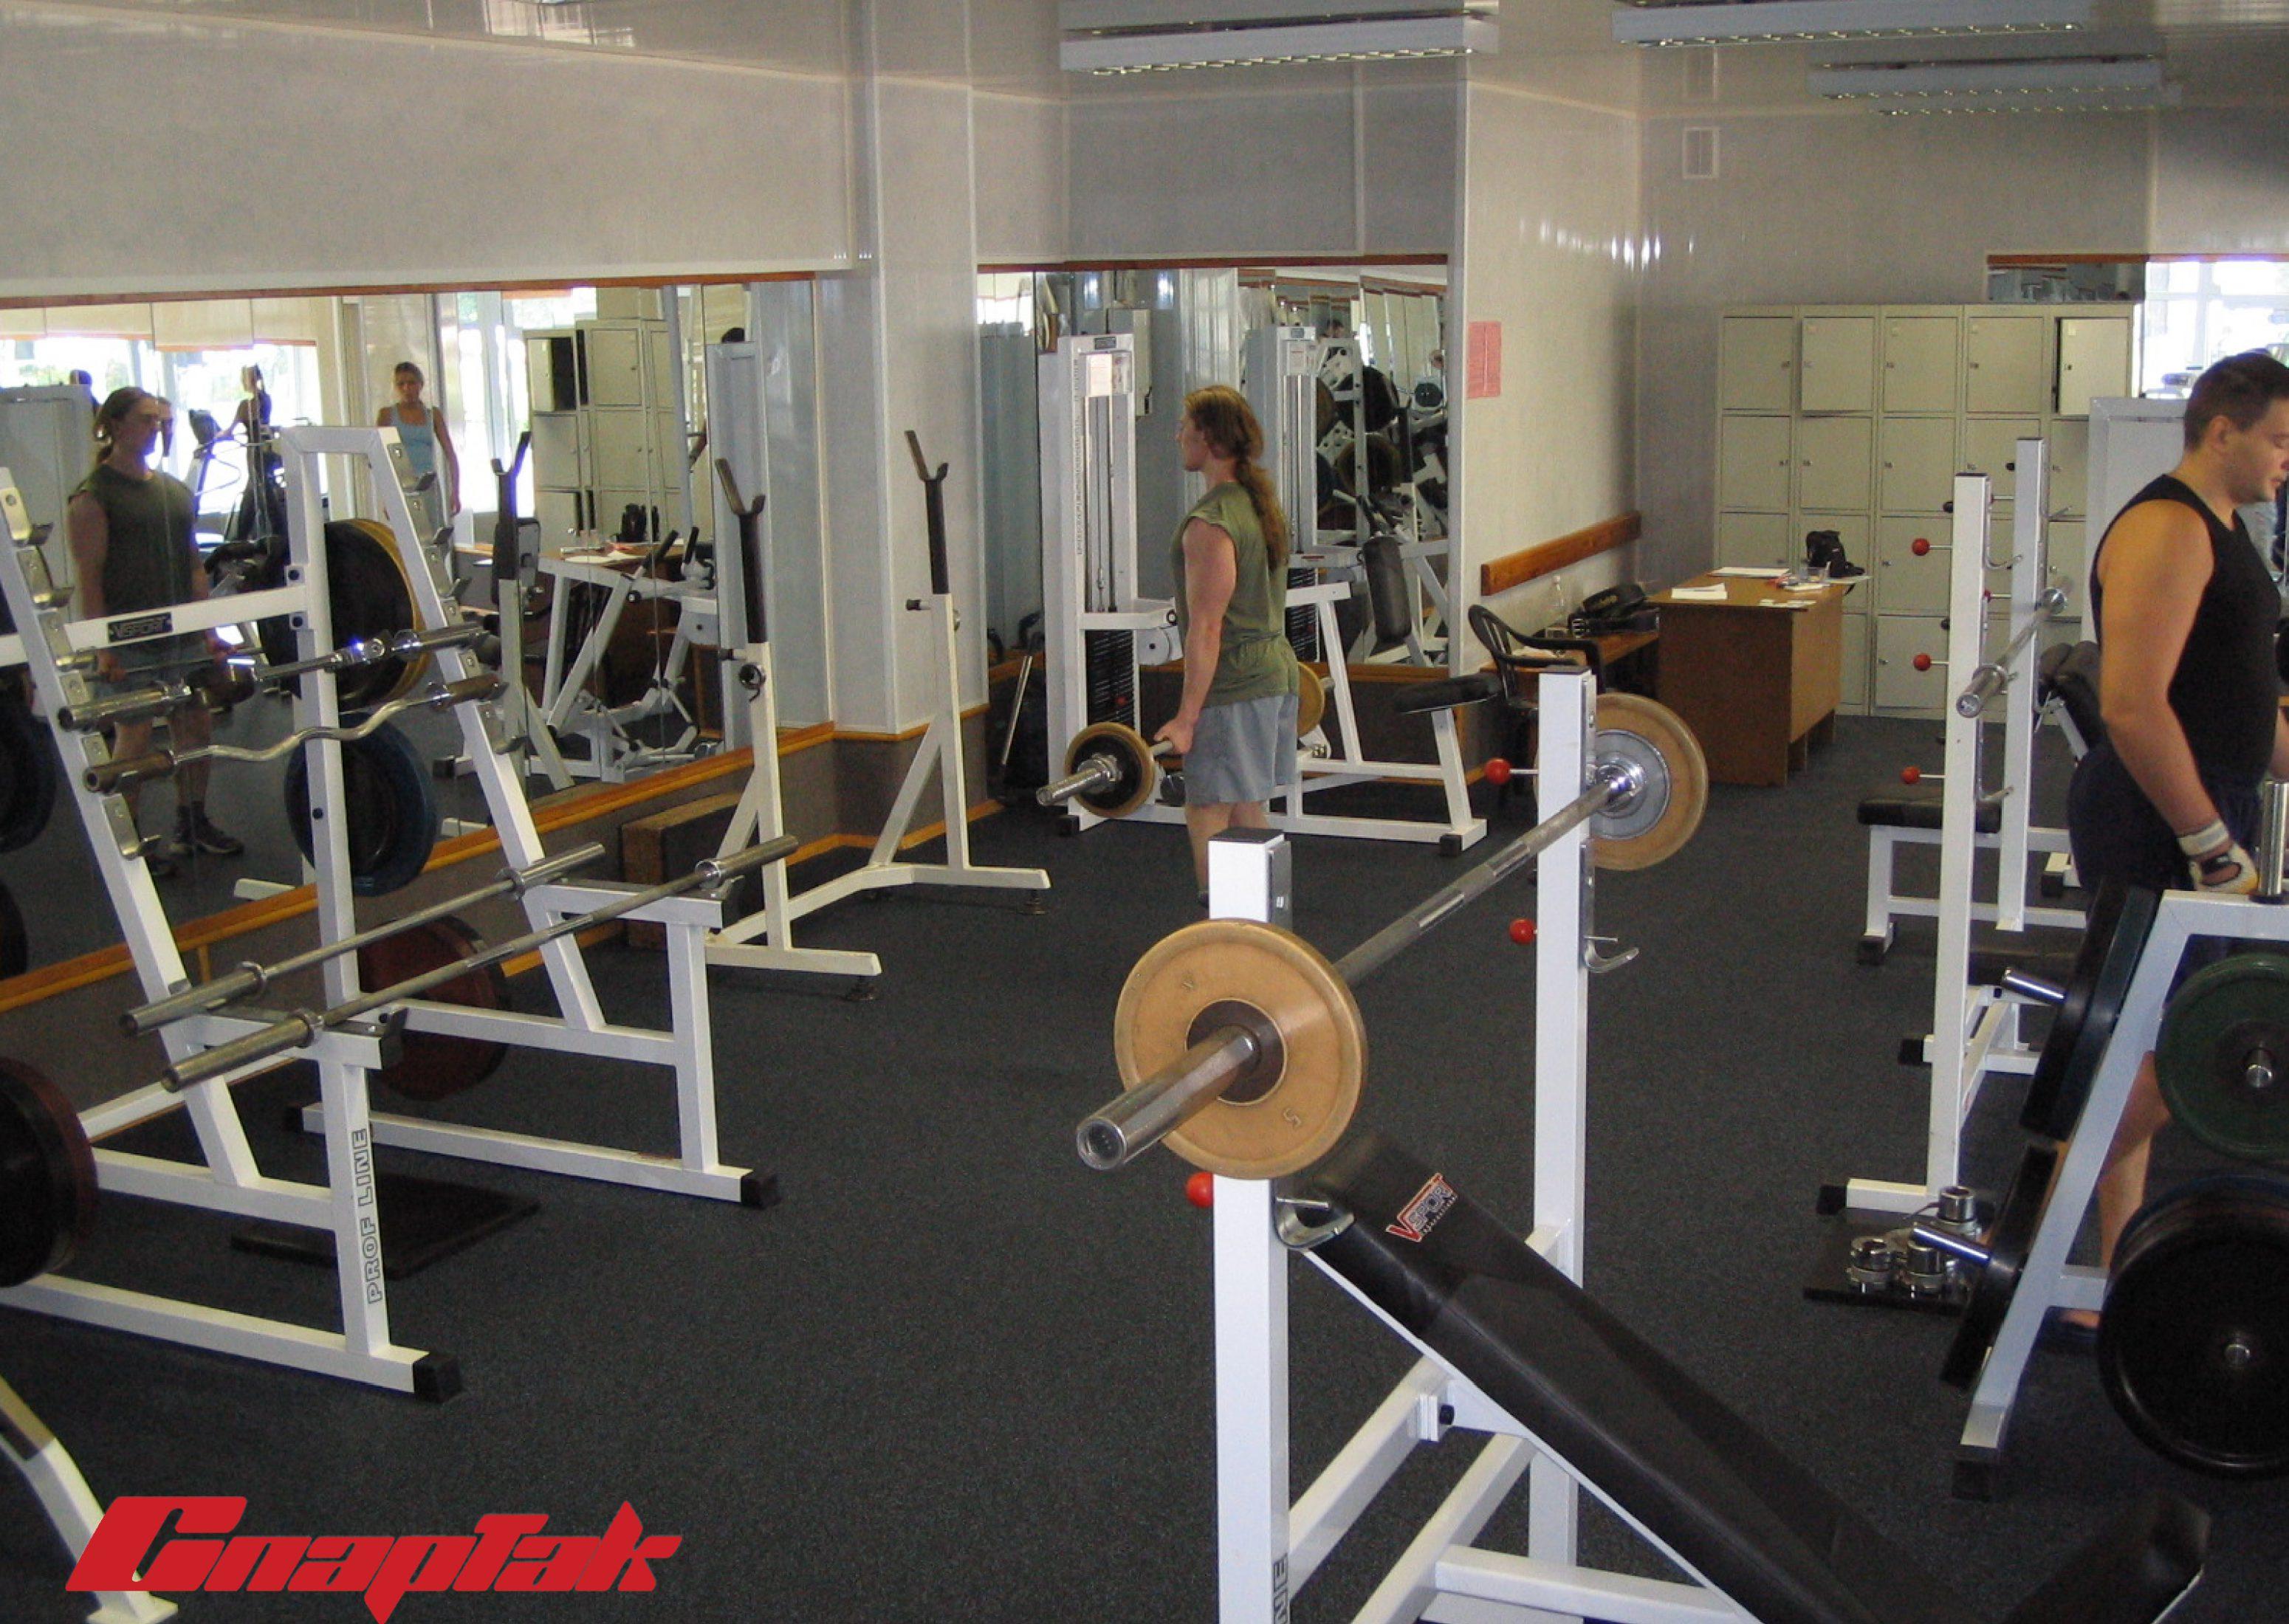 спартак тренажерный зал 2 3100x2200 Тренажерный зал Спартак